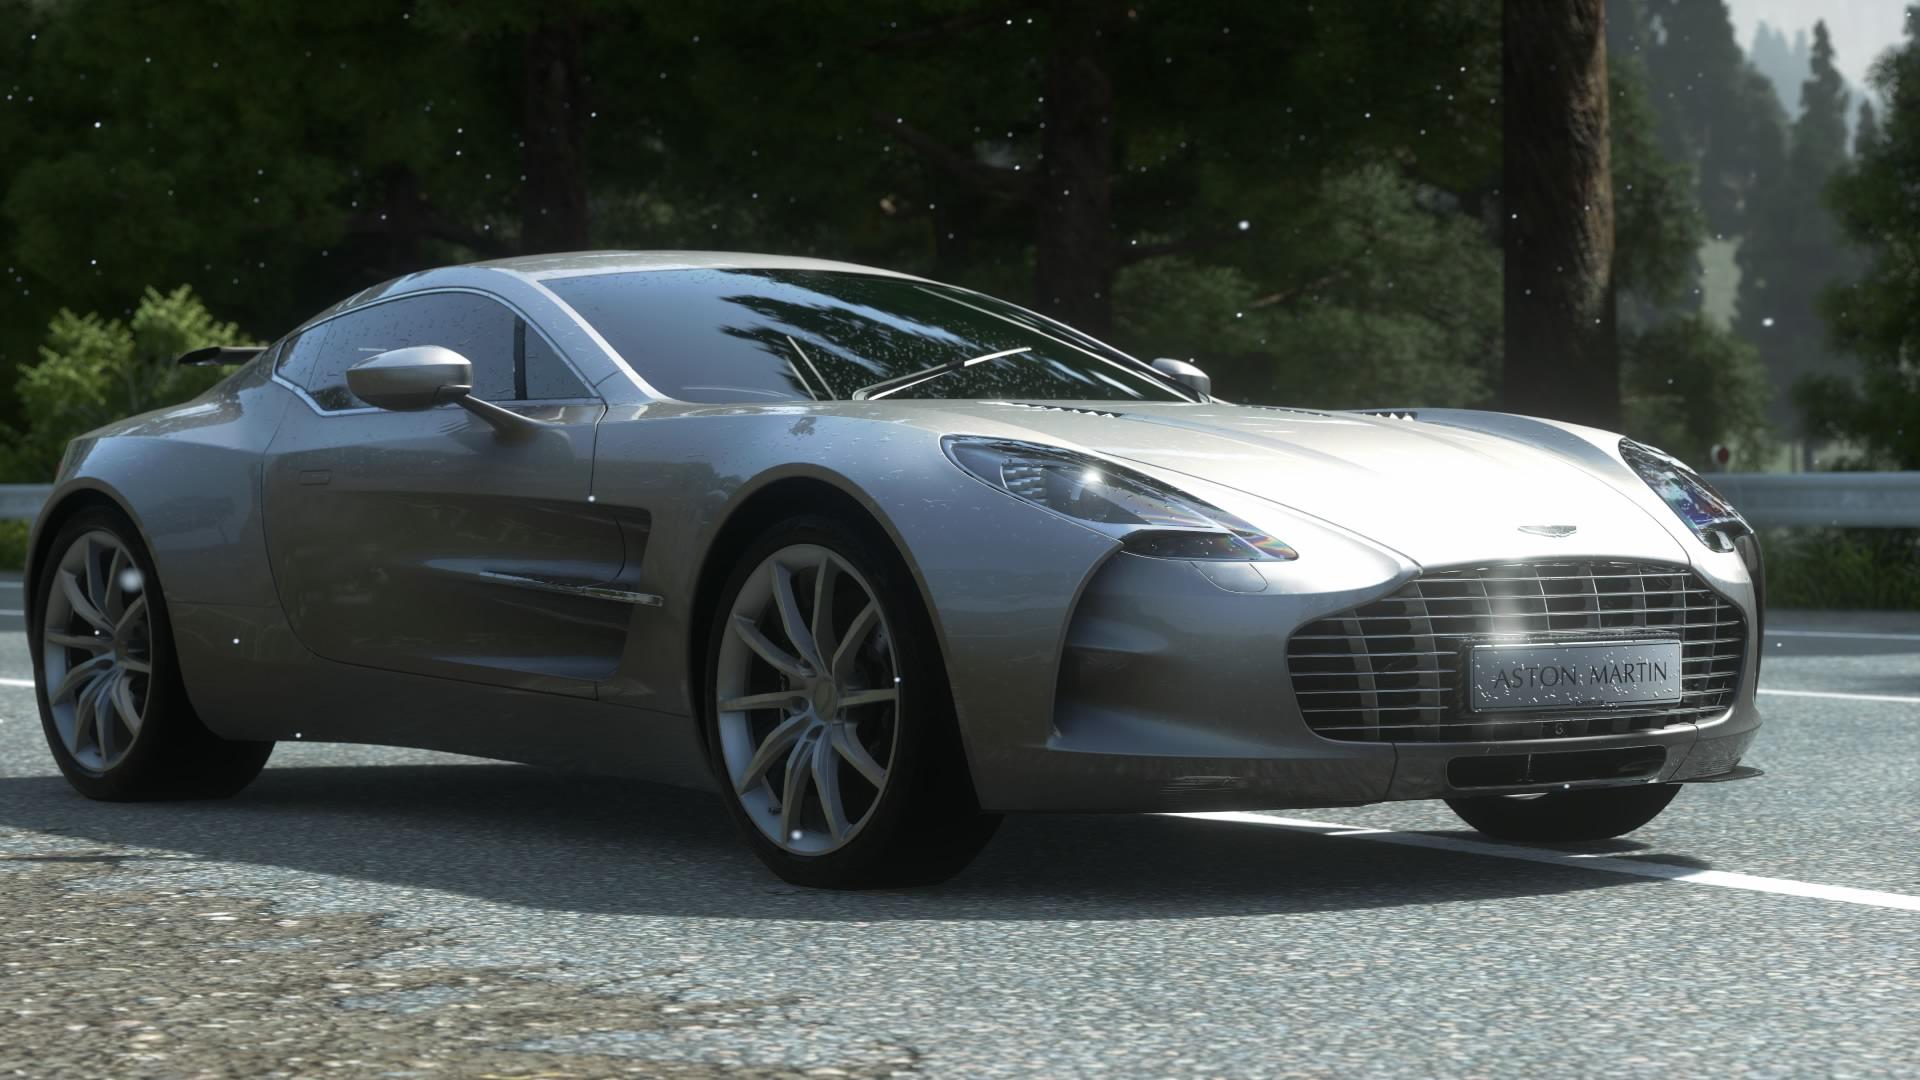 Aston Martin One Drive Club Wiki FANDOM Powered By Wikia - Aston martin one